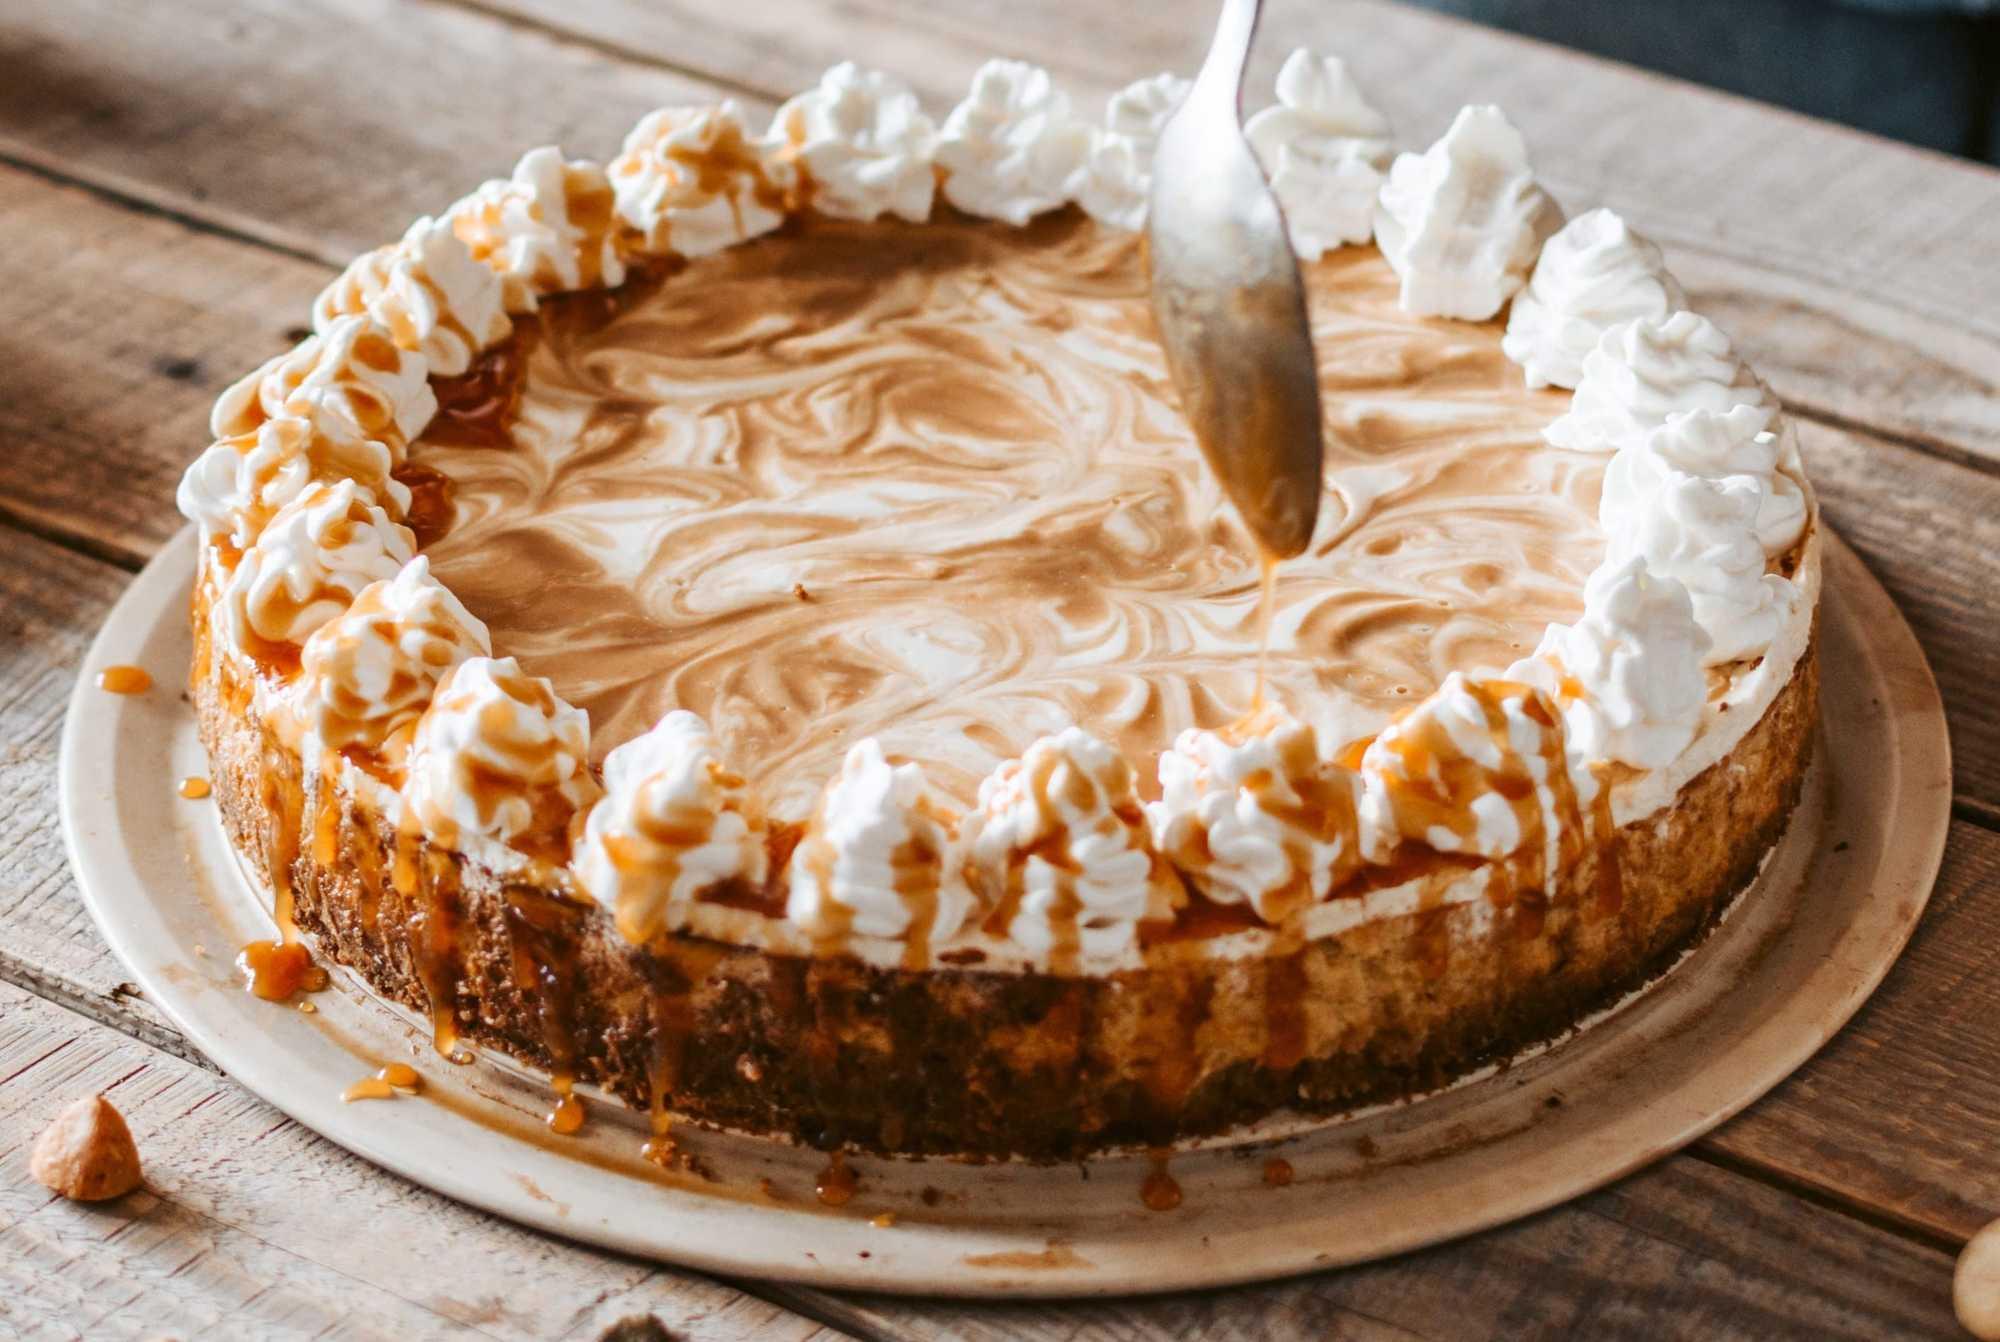 Un beau cheesecake est posé sur une grande assiette de couleur blanche. La crème chantilly disposée tout autour sur le dessus, sert de topping.